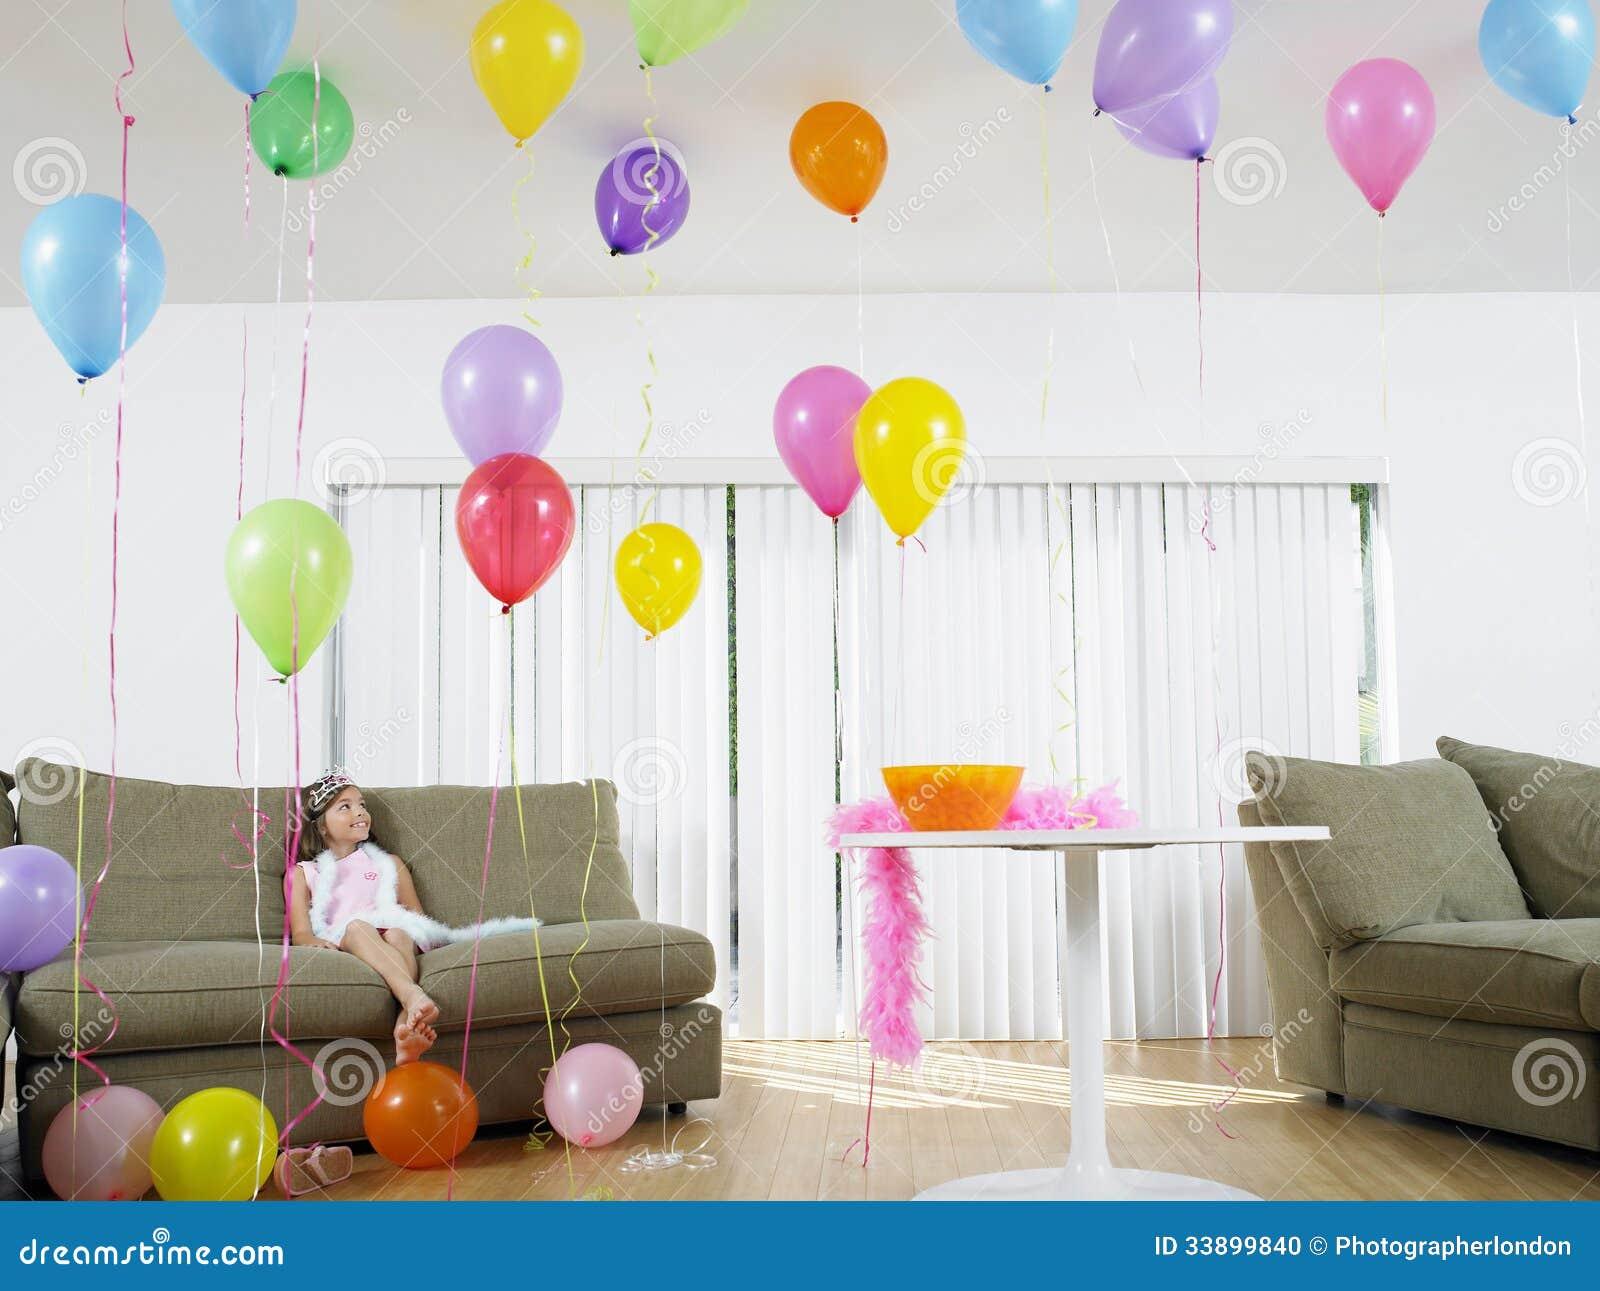 Girl Sitting In Living Room Full Of Balloons Stock Photo